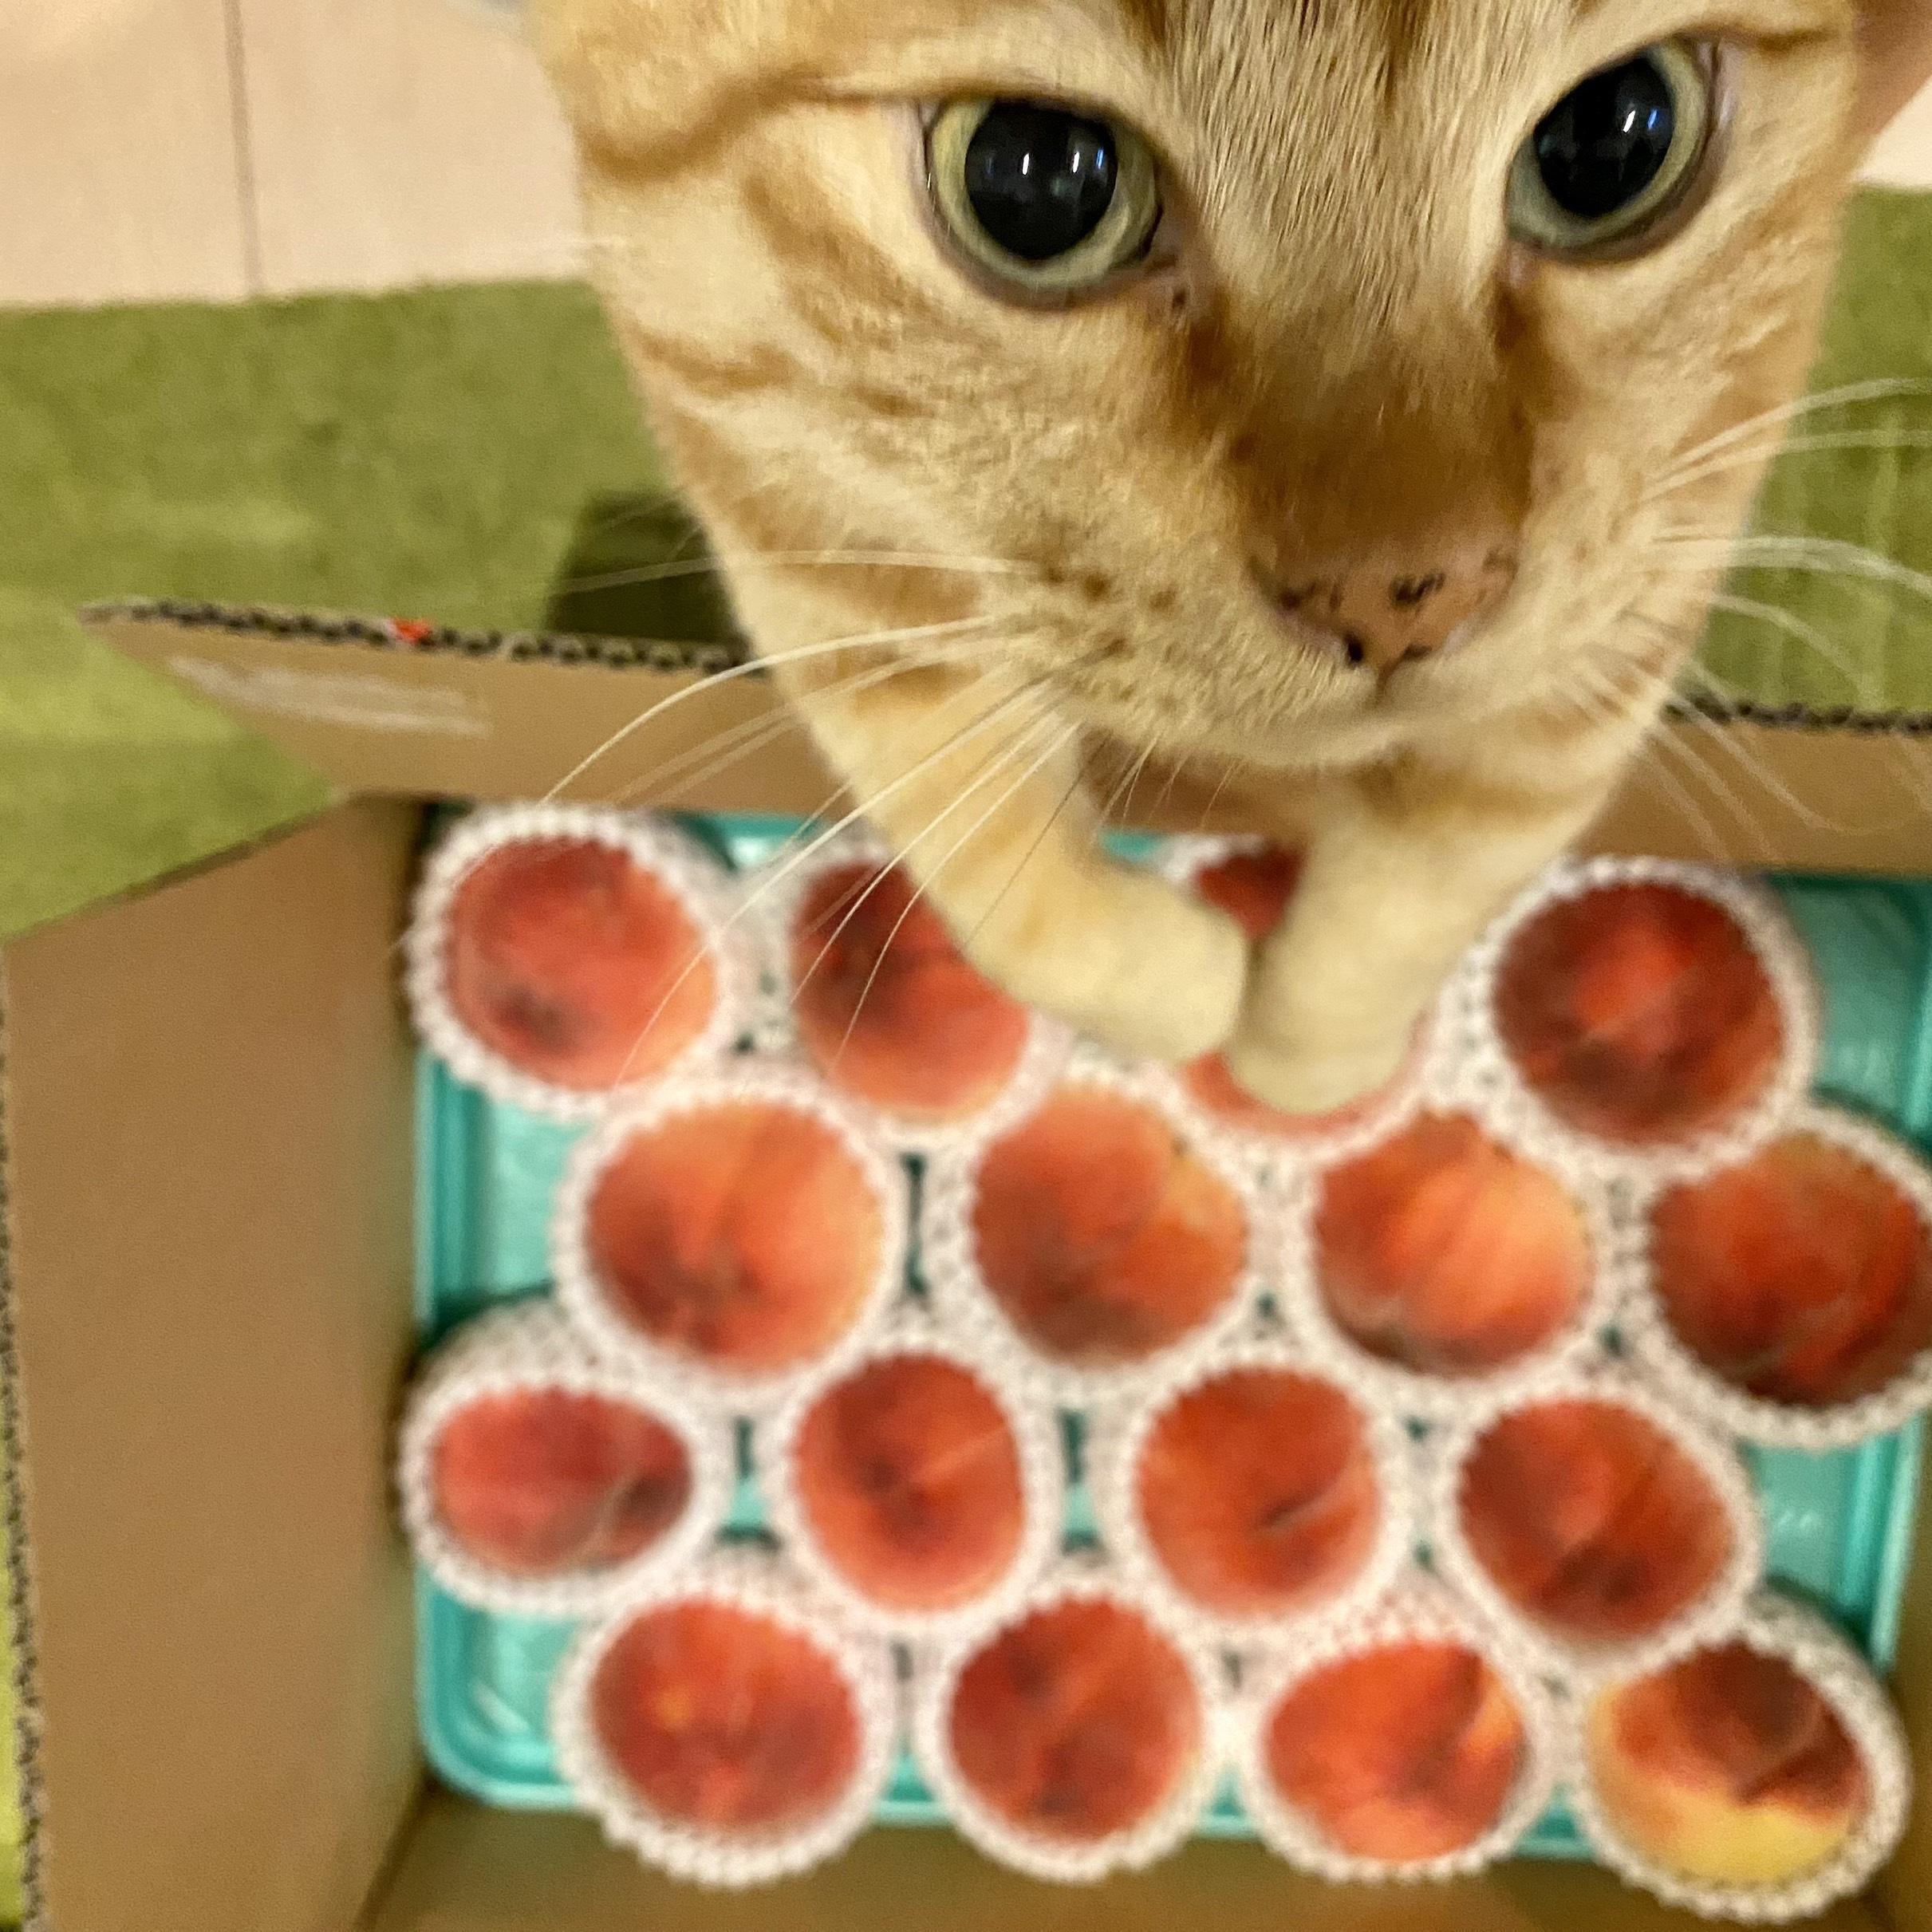 飼い猫の虎太朗が桃をチェック